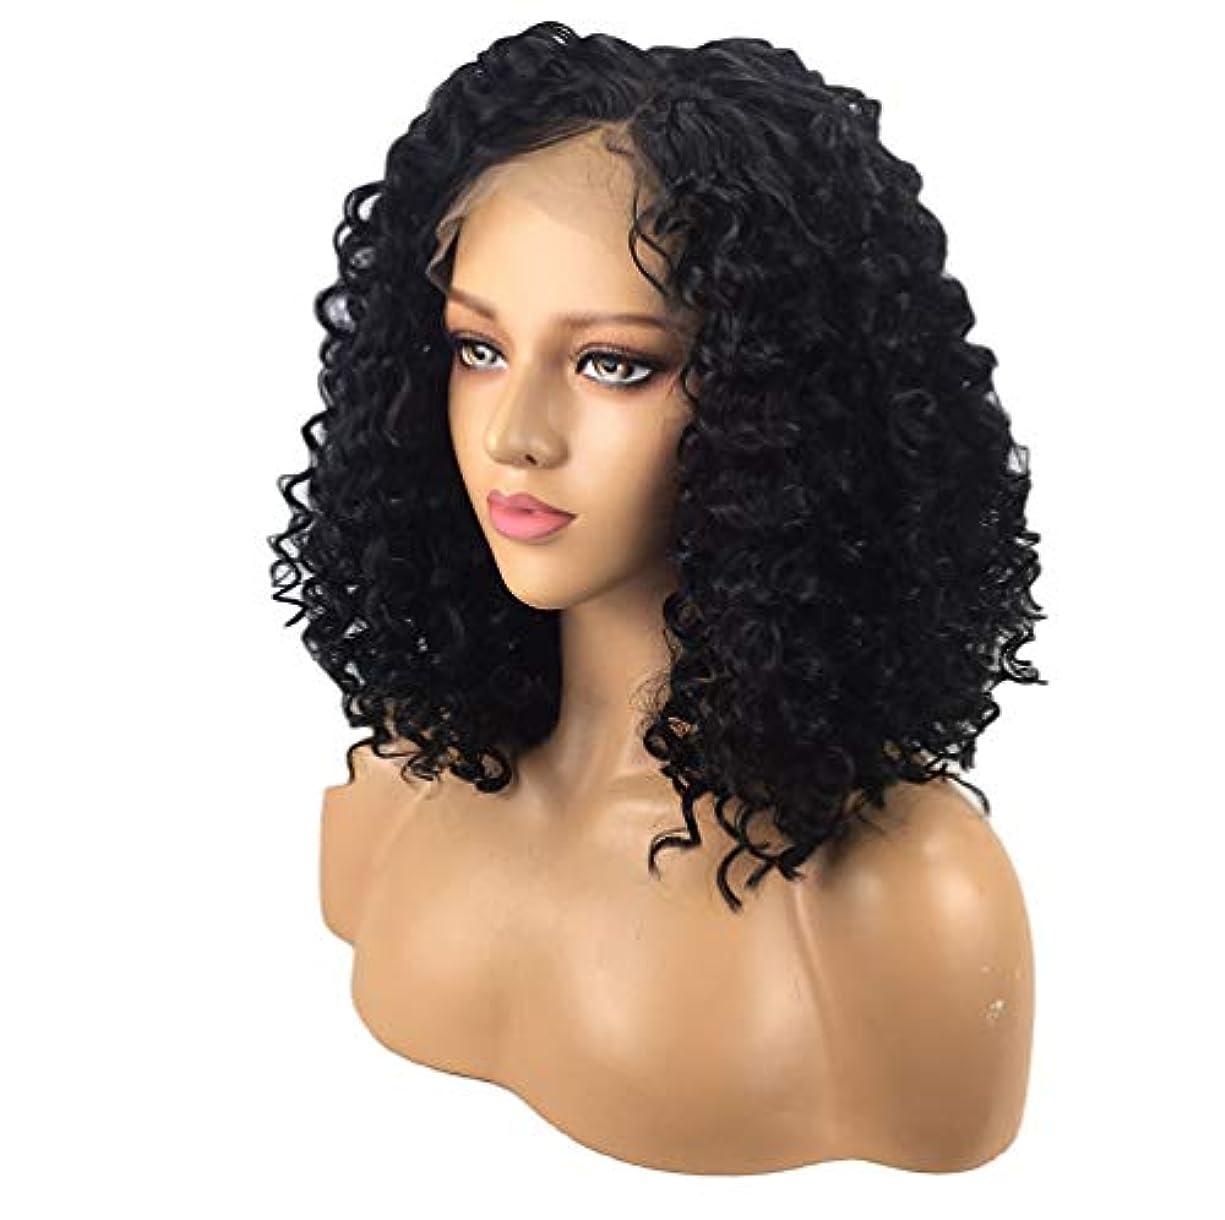 軍艦損傷退屈させる女性の短いバージンの人間の髪の毛のグルーレスレースのフロントかつらプレ摘み取った生え際の漂白された結び目で130%の密度かつら14インチのかつら